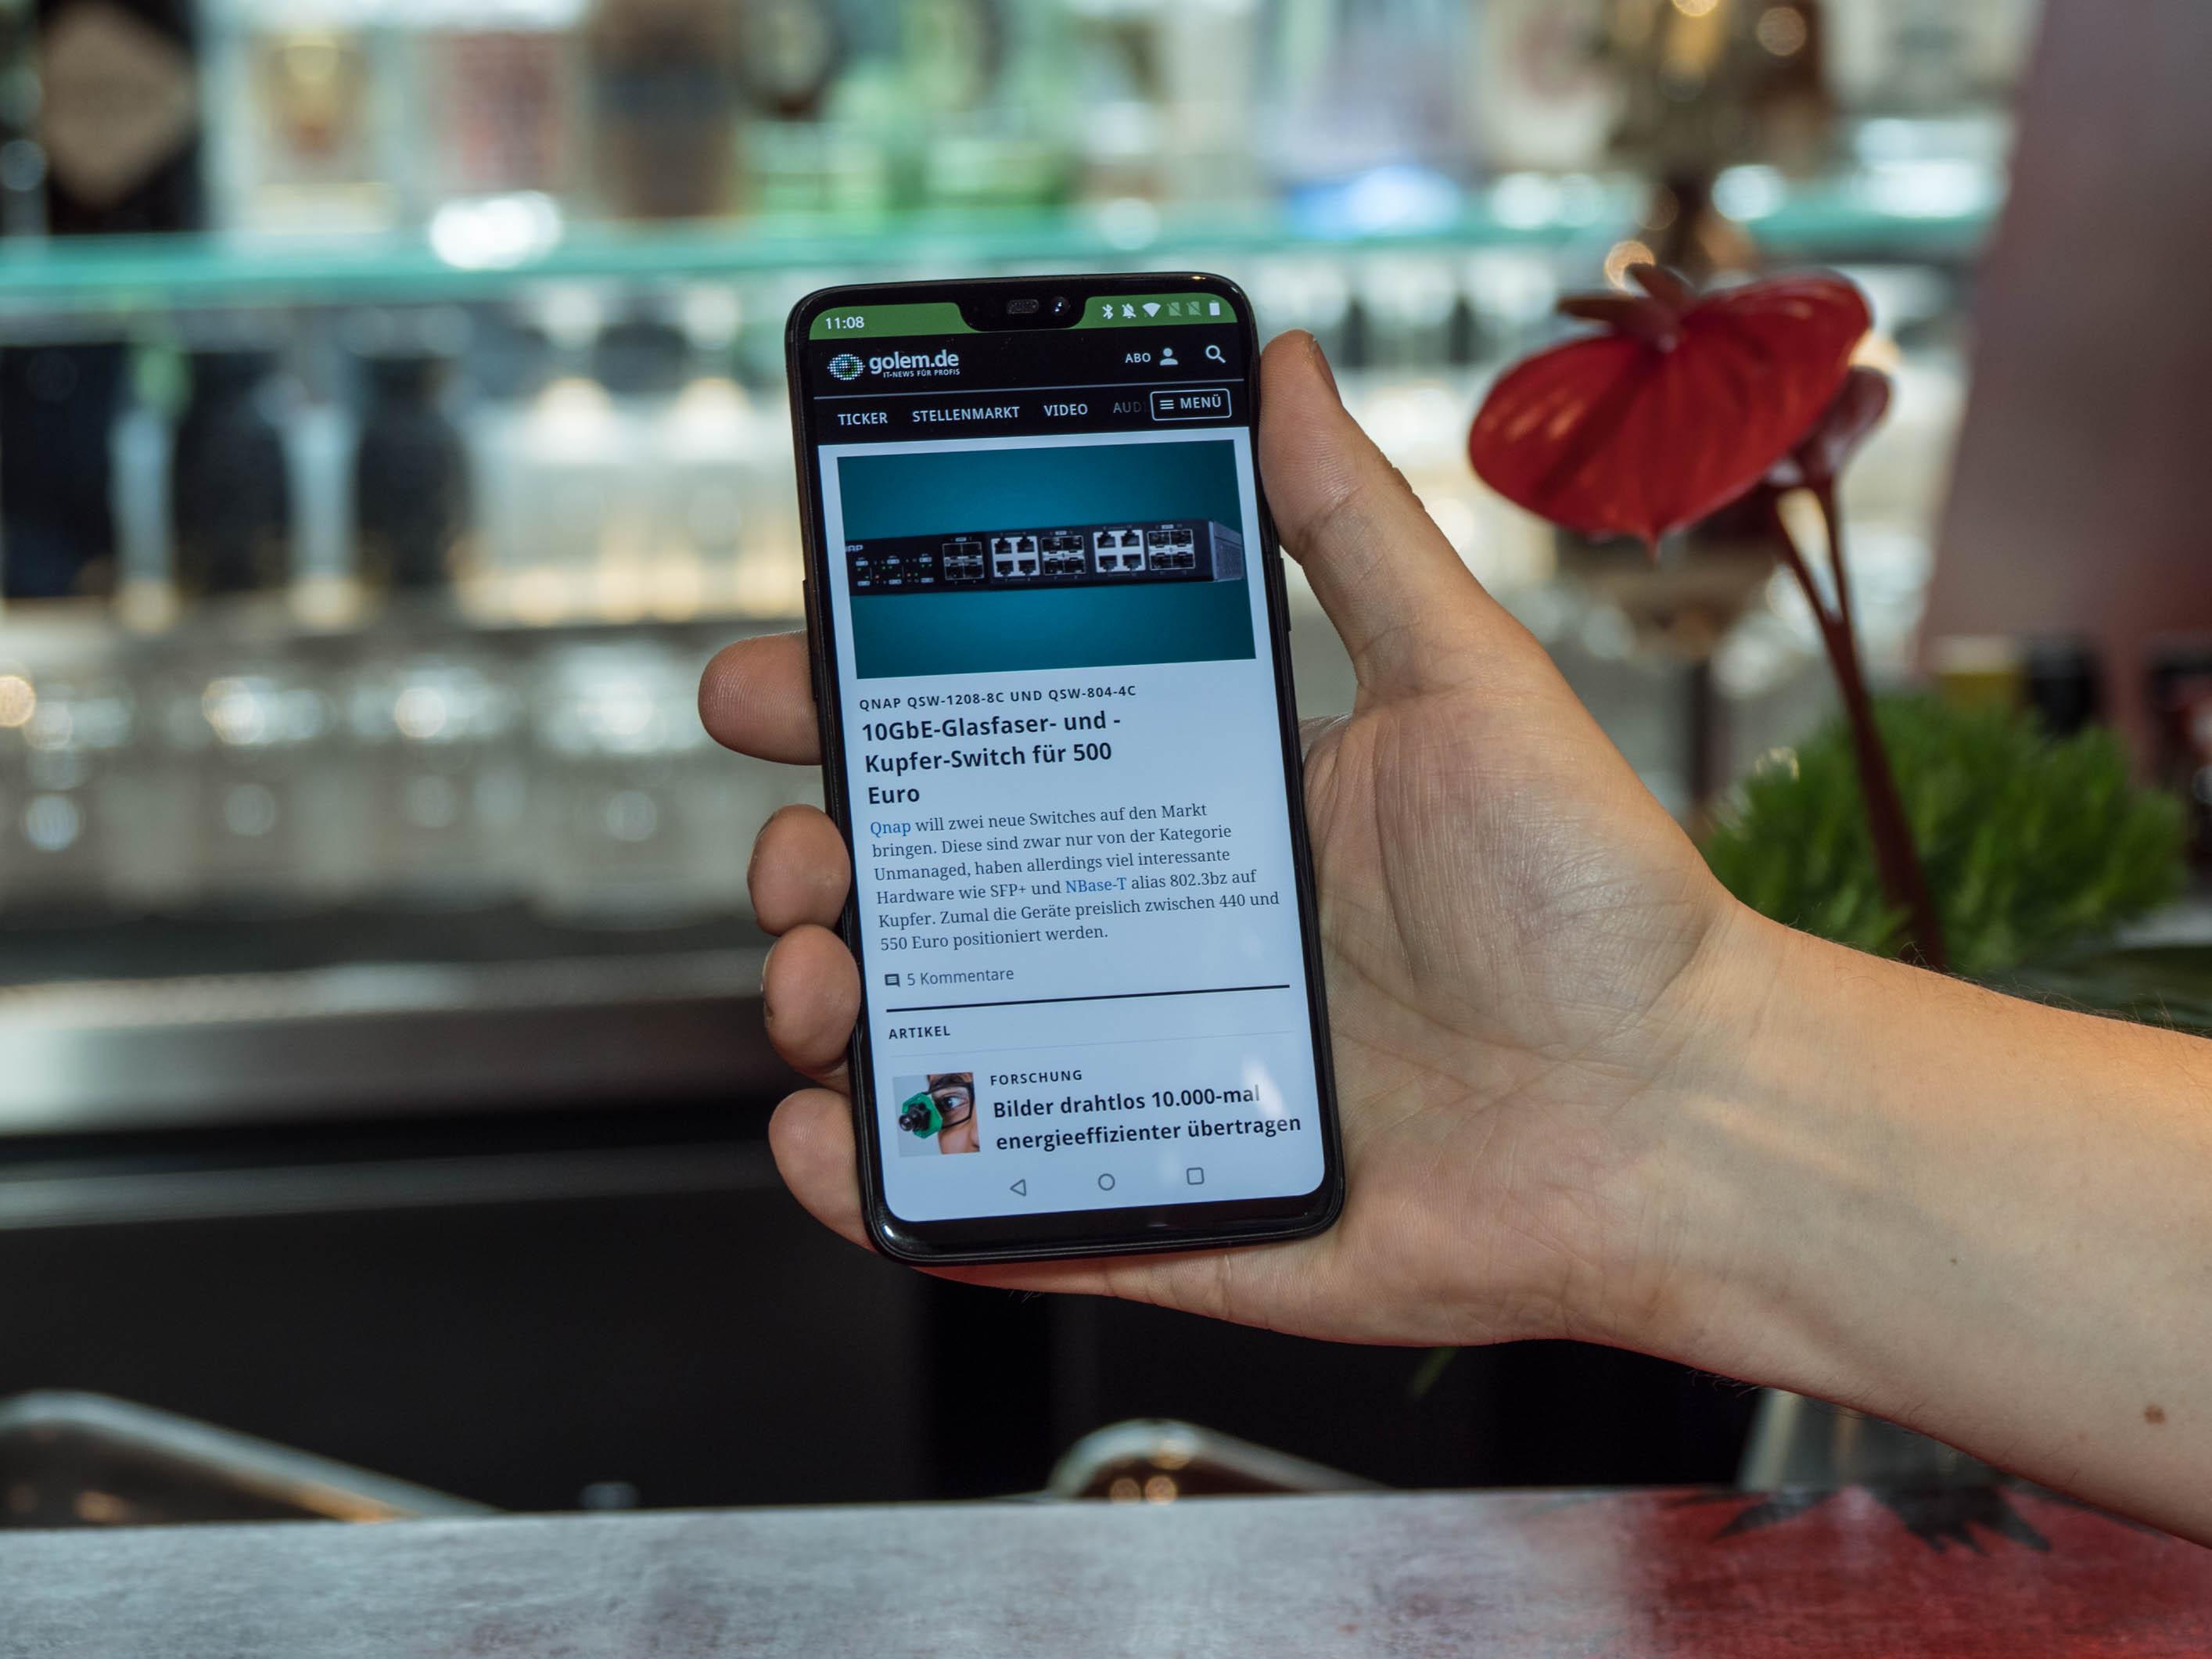 Android-Smartphone: Neues Oneplus 6 kostet ab 520 Euro - Das neue Oneplus 6 (Bild: Martin Wolf/Golem.de)